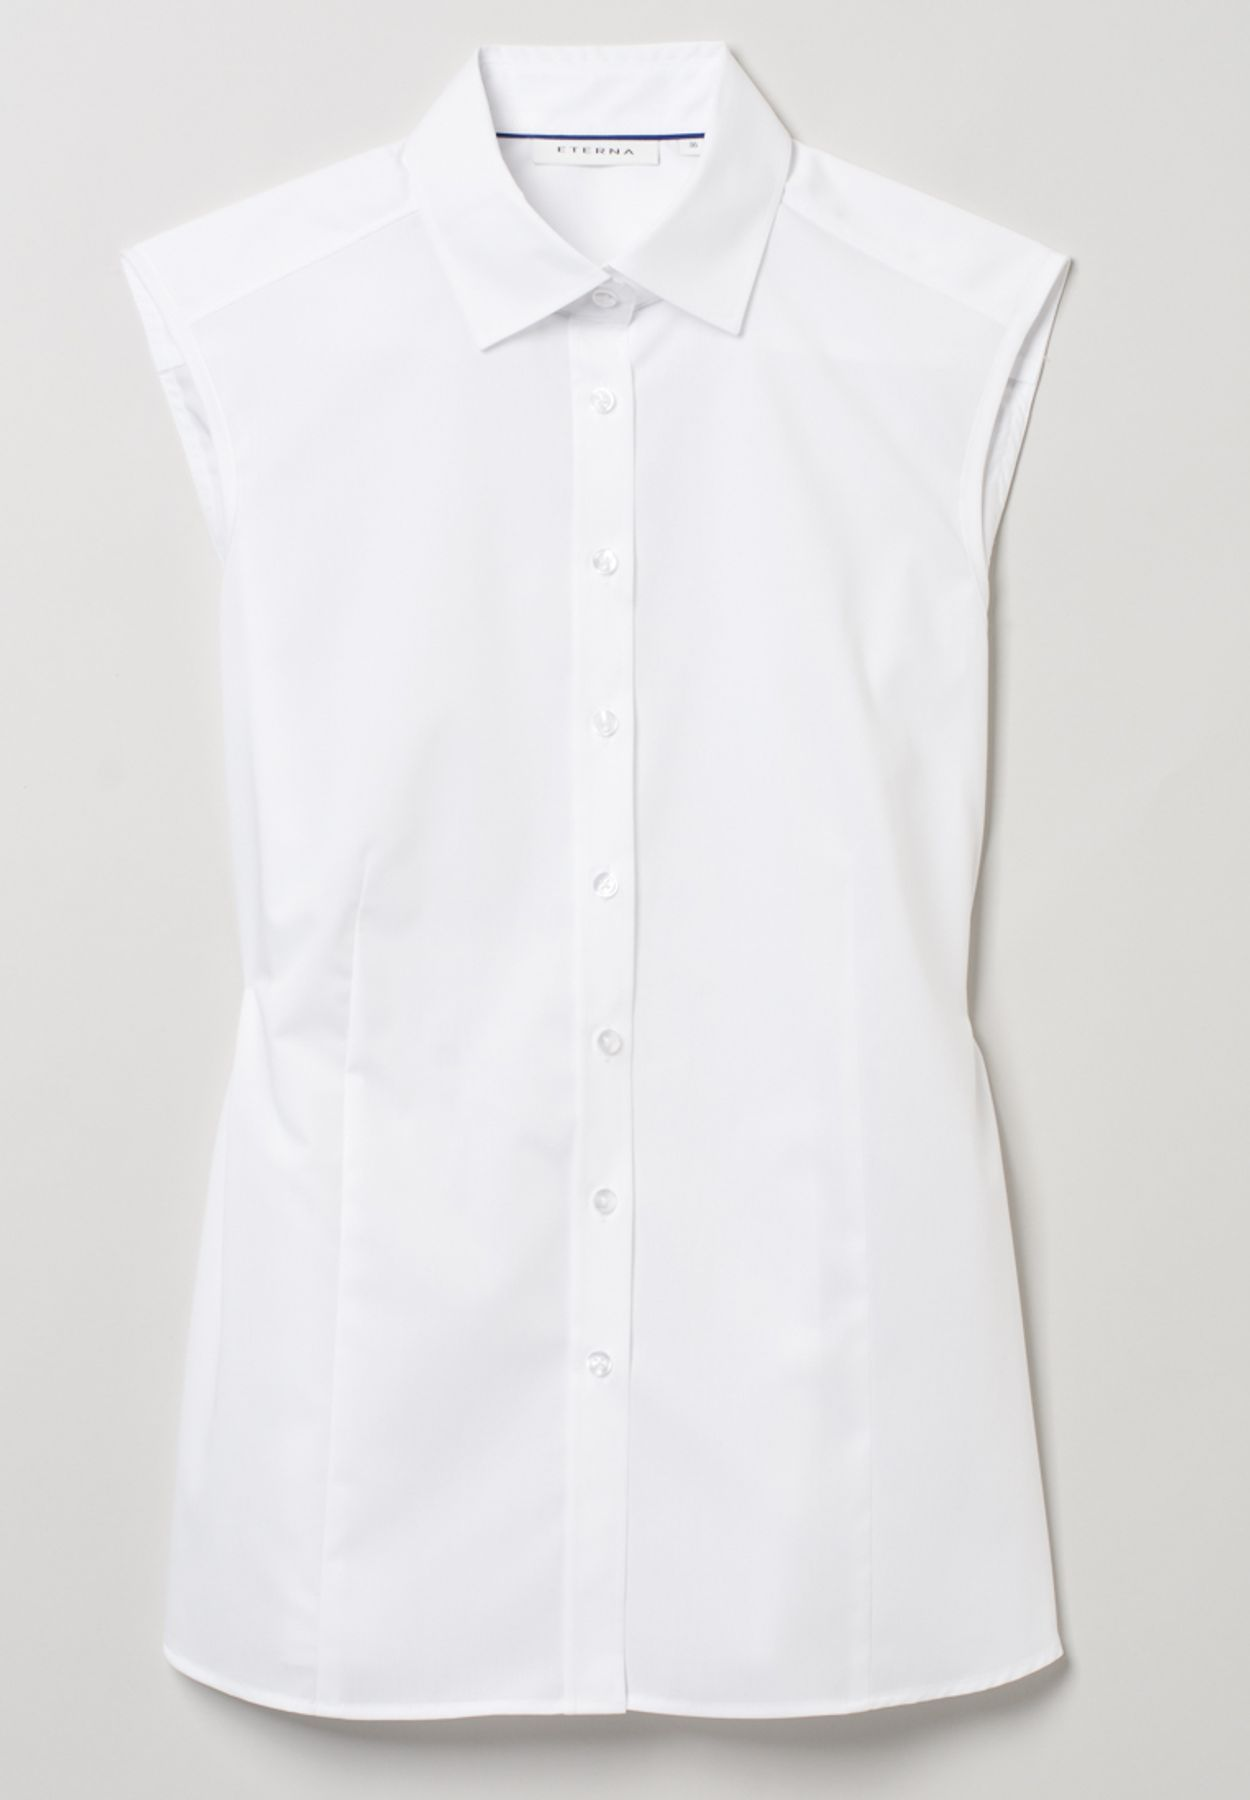 Eterna -  Comfort-Fit - Bügelfreie Damen Bluse ohne Arm in Weiß, Hellblau oder Rosa (5220 A790) – Bild 17